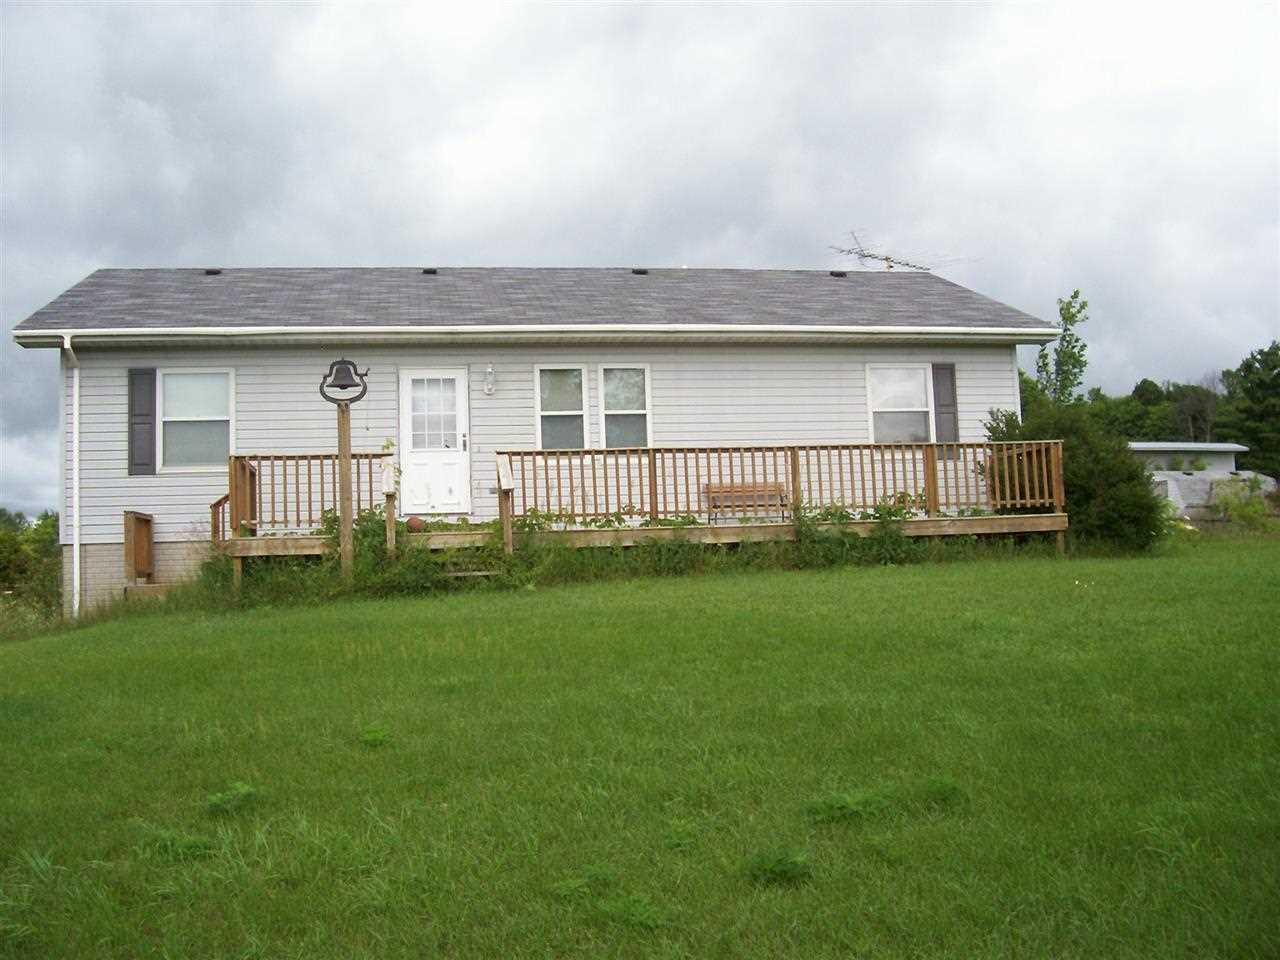 Real Estate for Sale, ListingId: 29257607, West Branch,MI48661